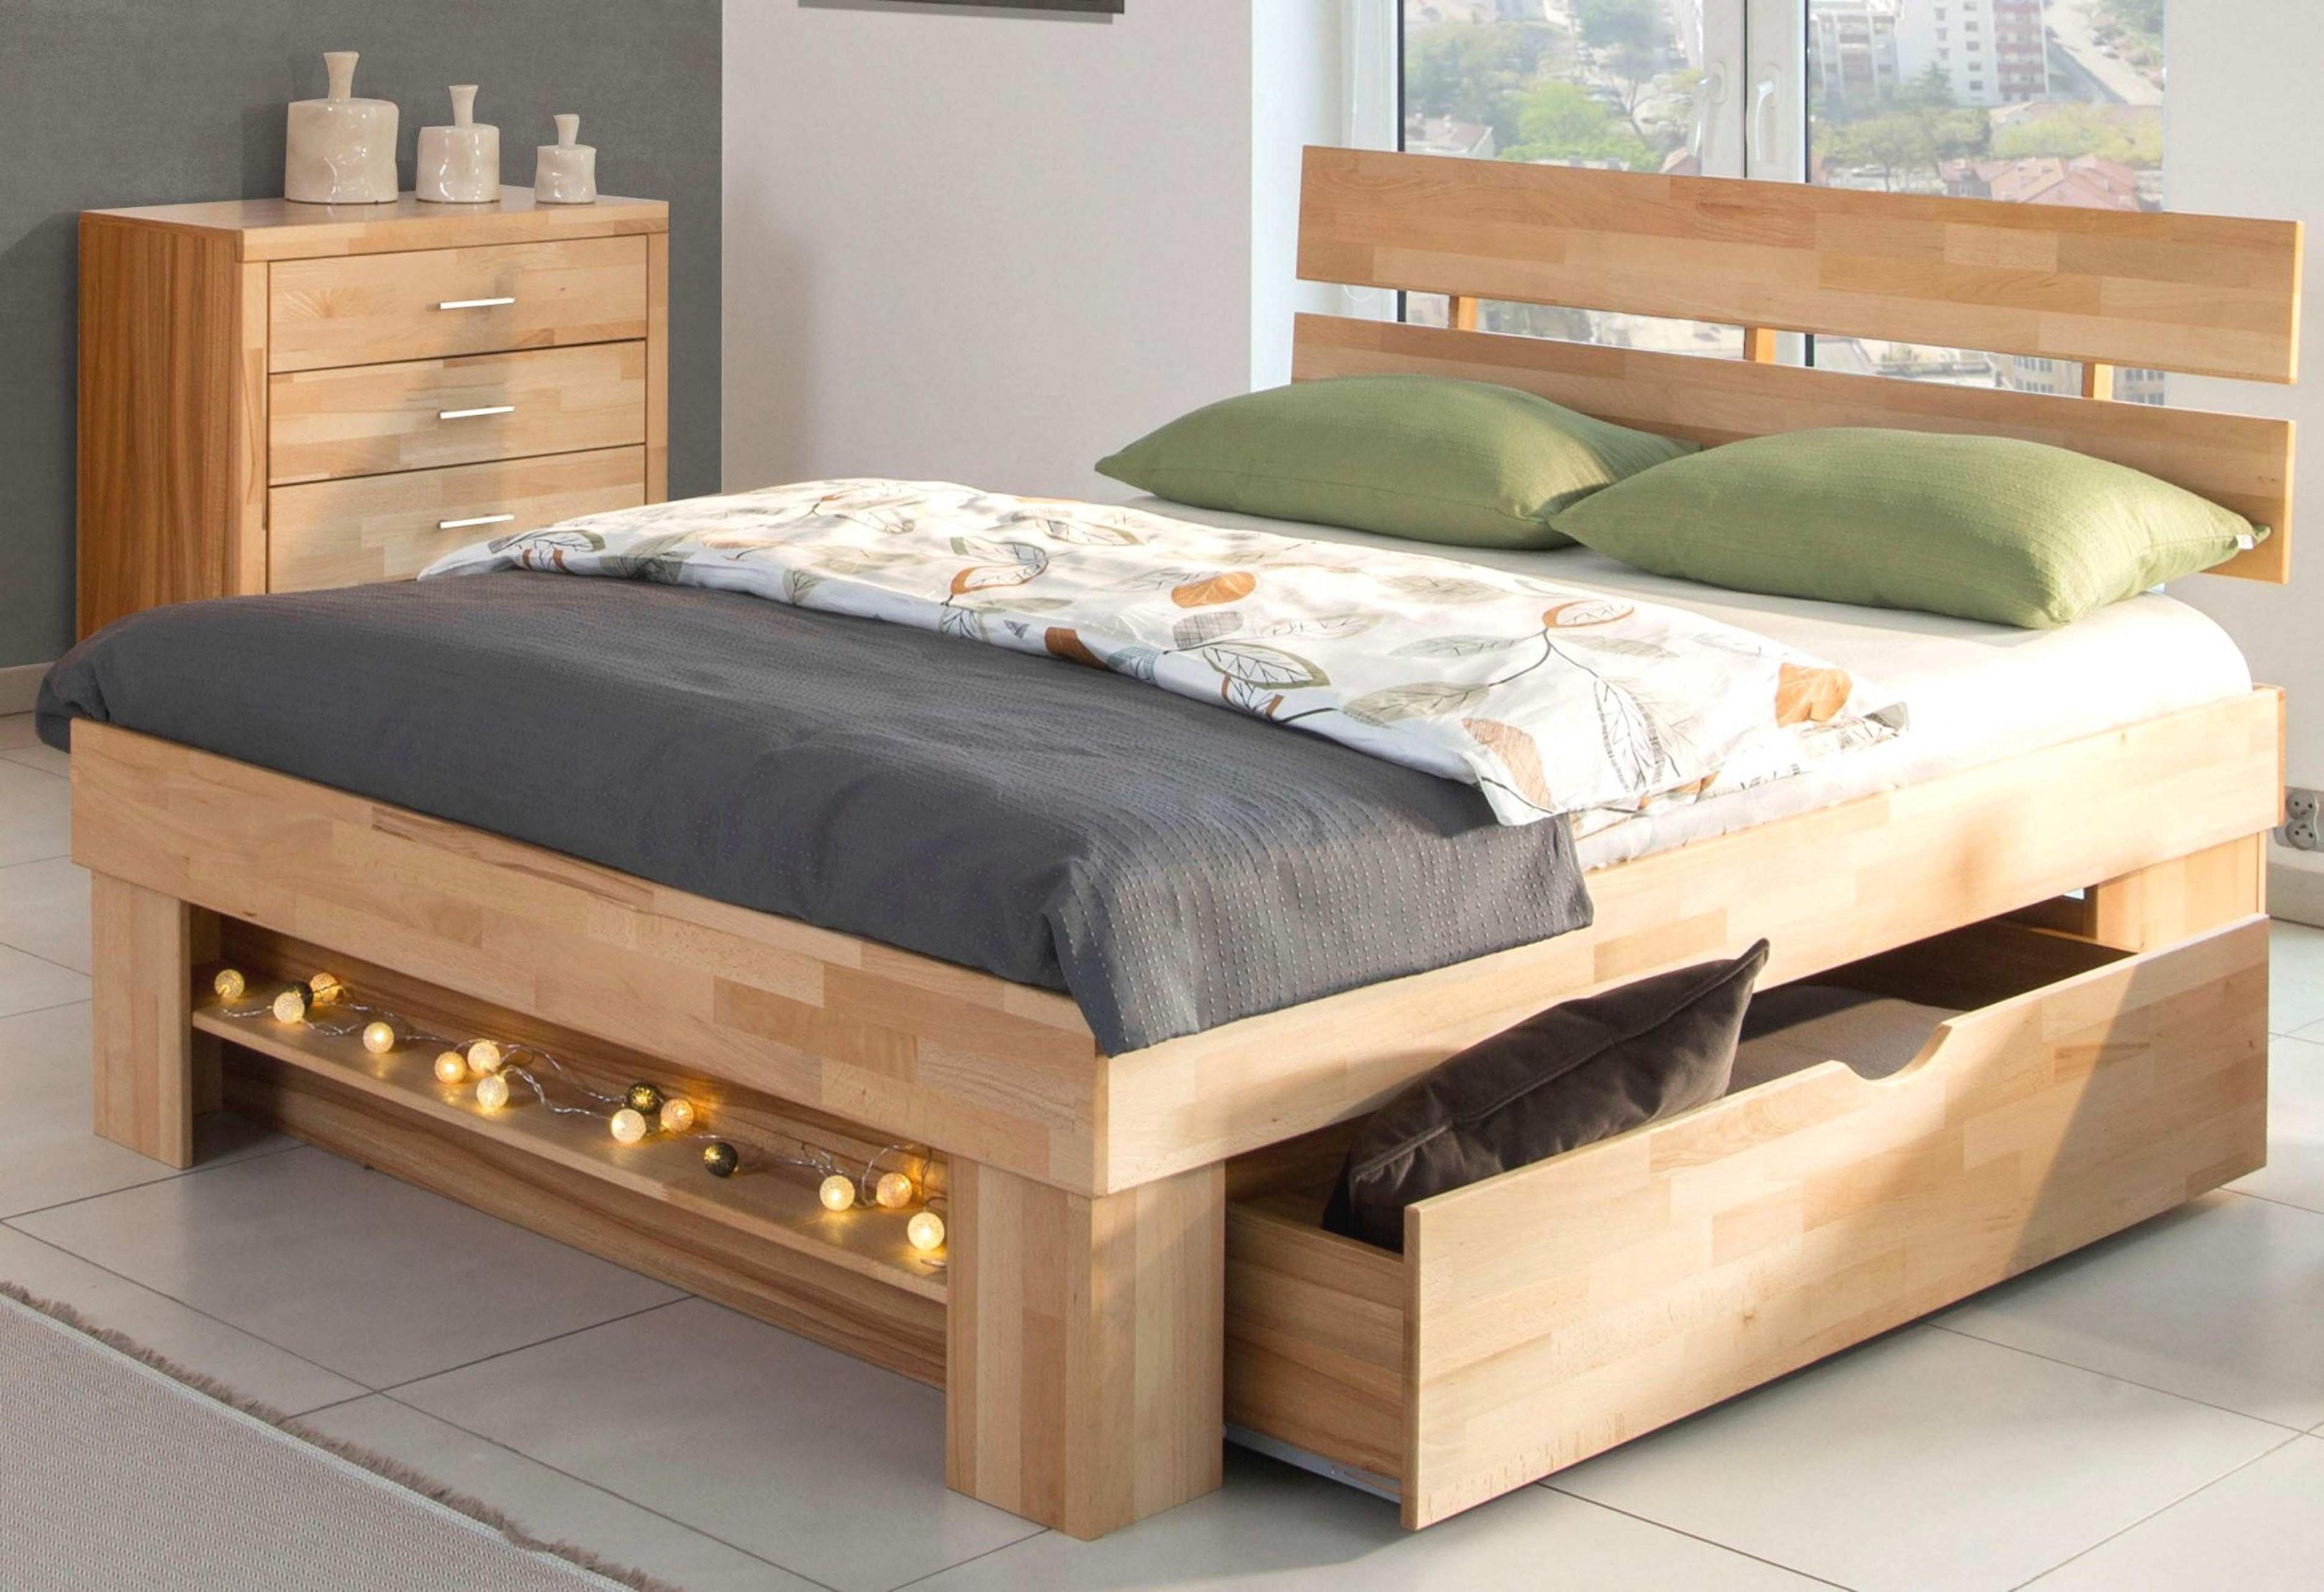 Bett Mit Schubladen 90×200 Ukkonzept Genial Stauraumbett 160×200 von Stauraum Bett 160X200 Bild